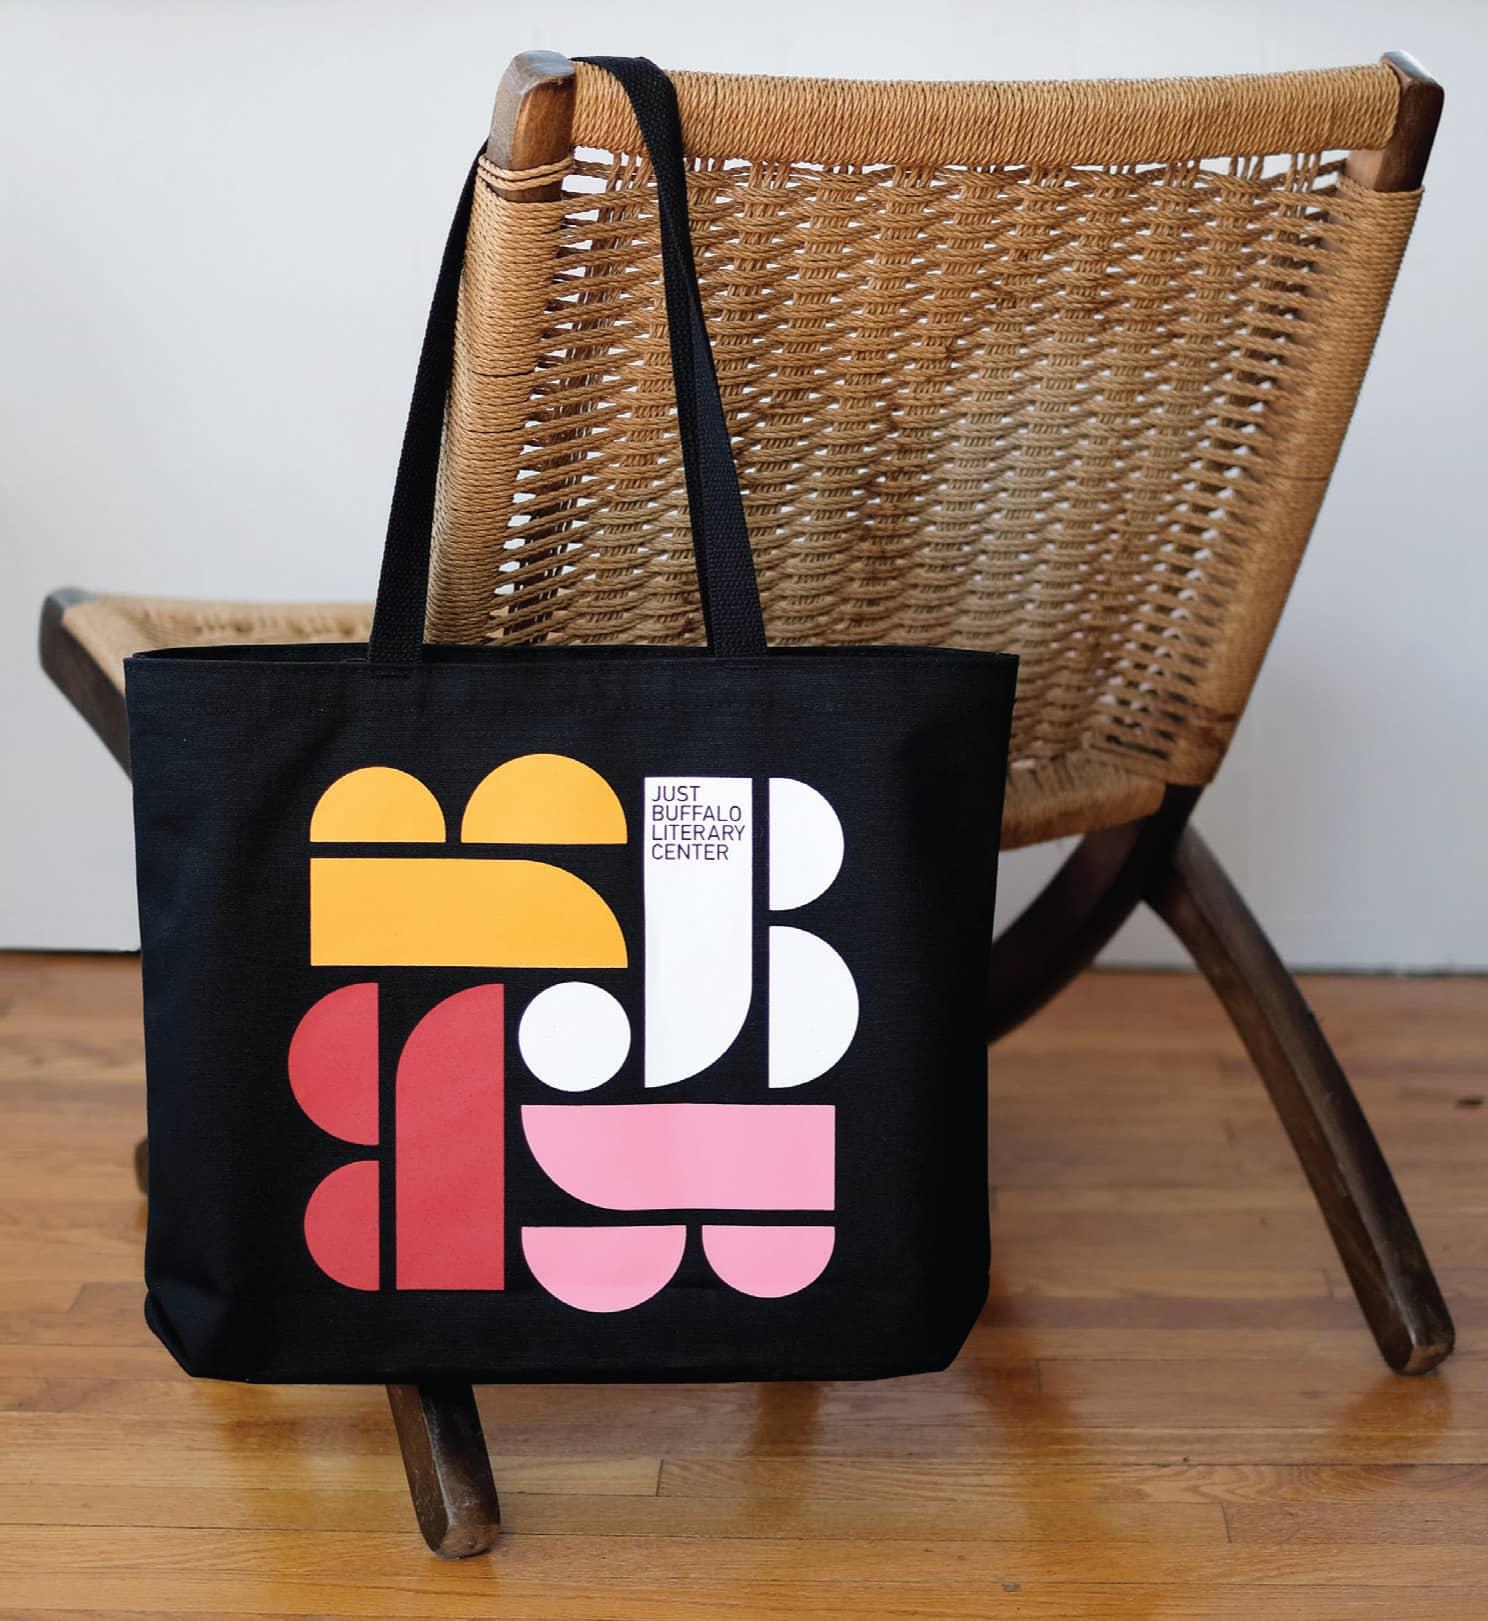 Just Buffalo Tote Bag (2018) - Just Buffalo Literary Center - Buffalo NY